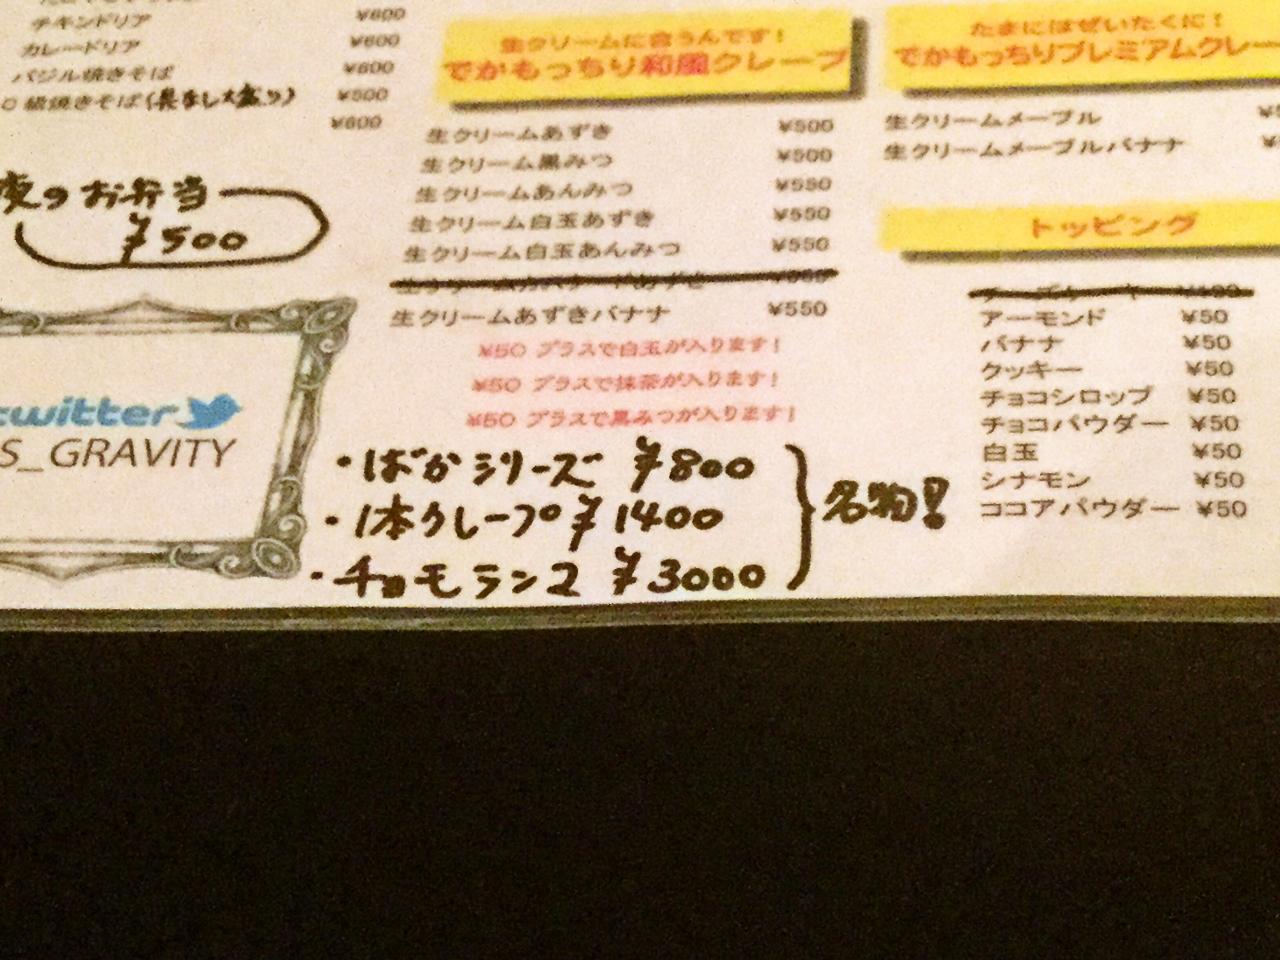 S.GRAVITY(メニュー)